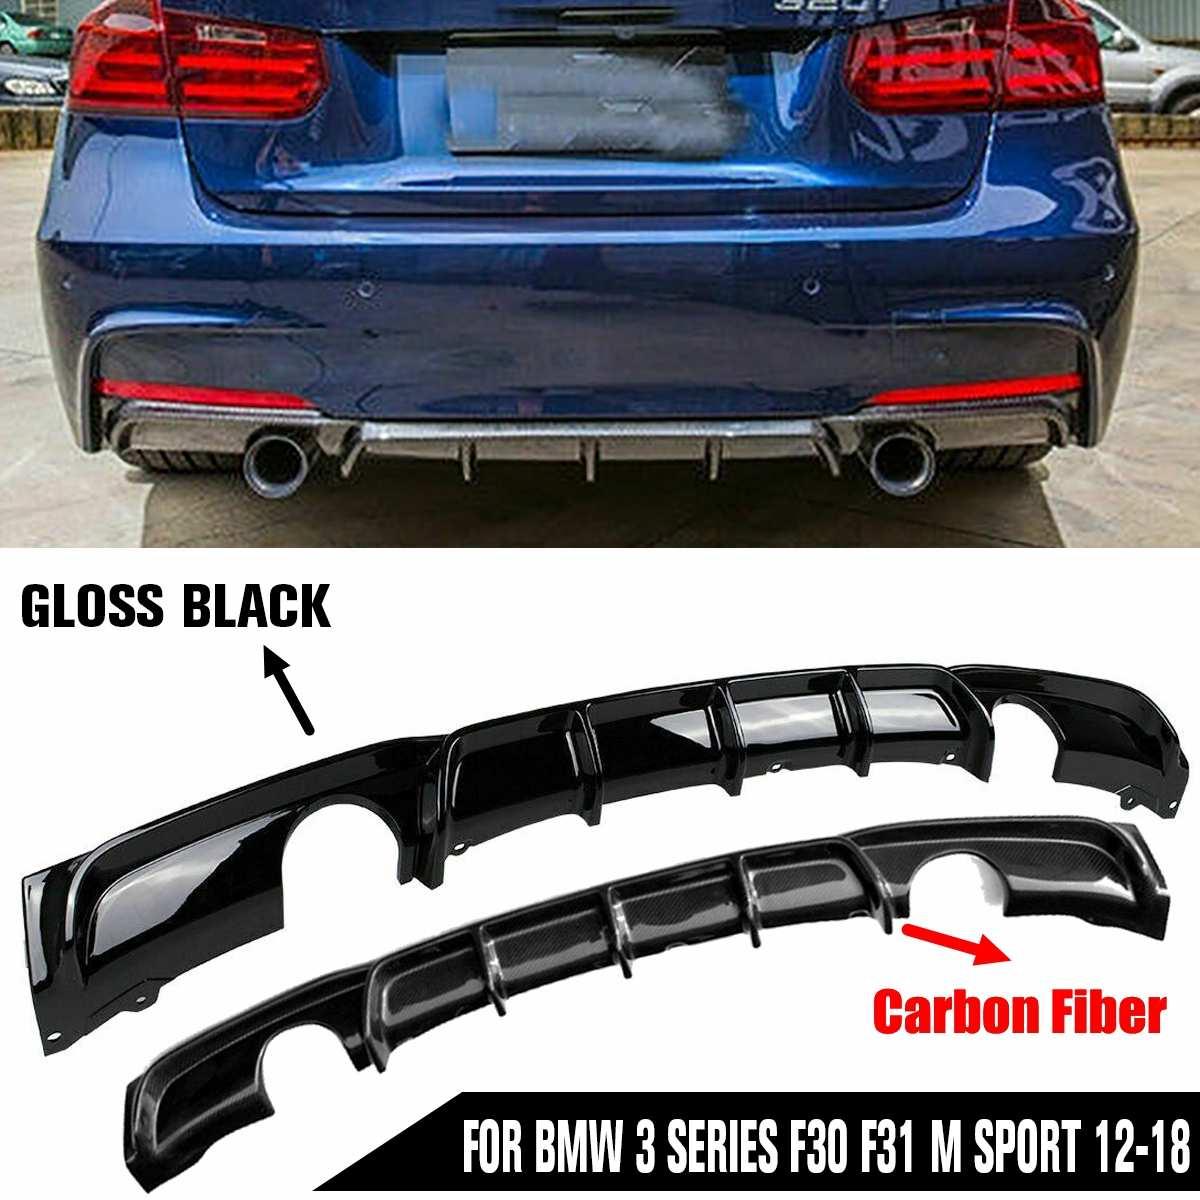 Sporty Carbon Fiber Rear Diffuser For 12-17 BMW F30//F31 320d 328i 335i M-Sport